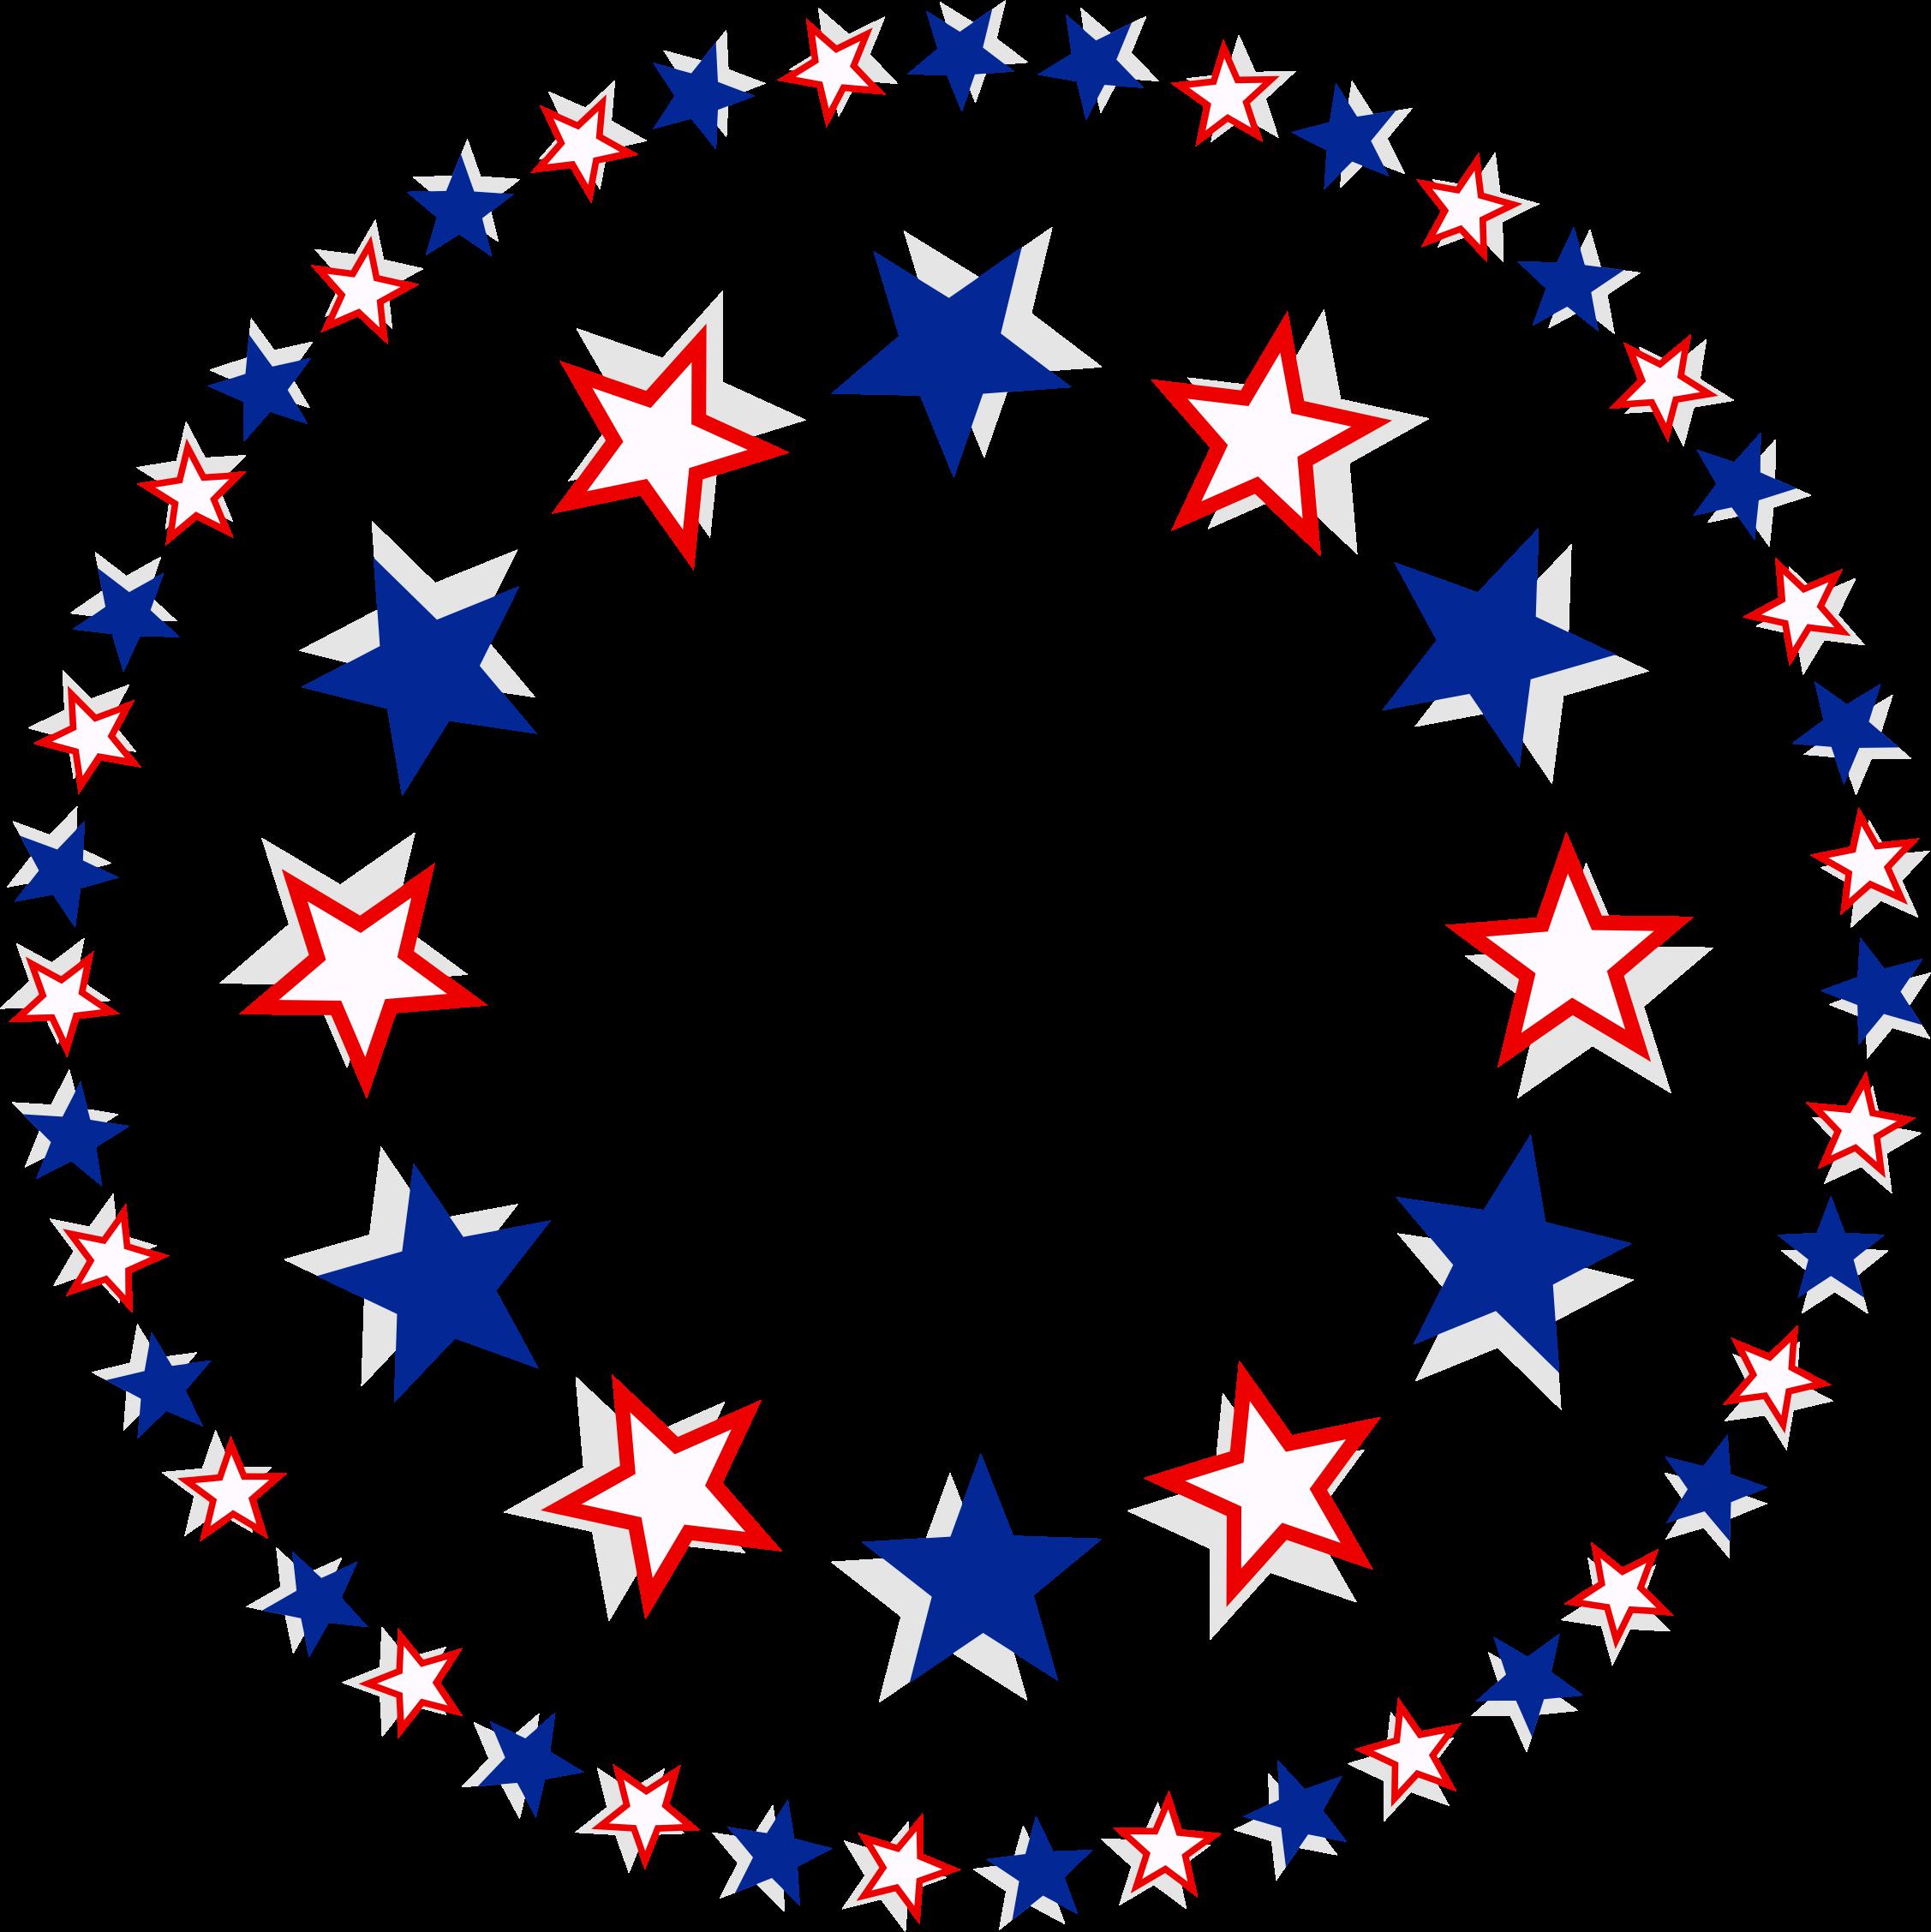 2254x2255 Patriotic Usa Clip Art 4th Of July Scrapbook Graphics